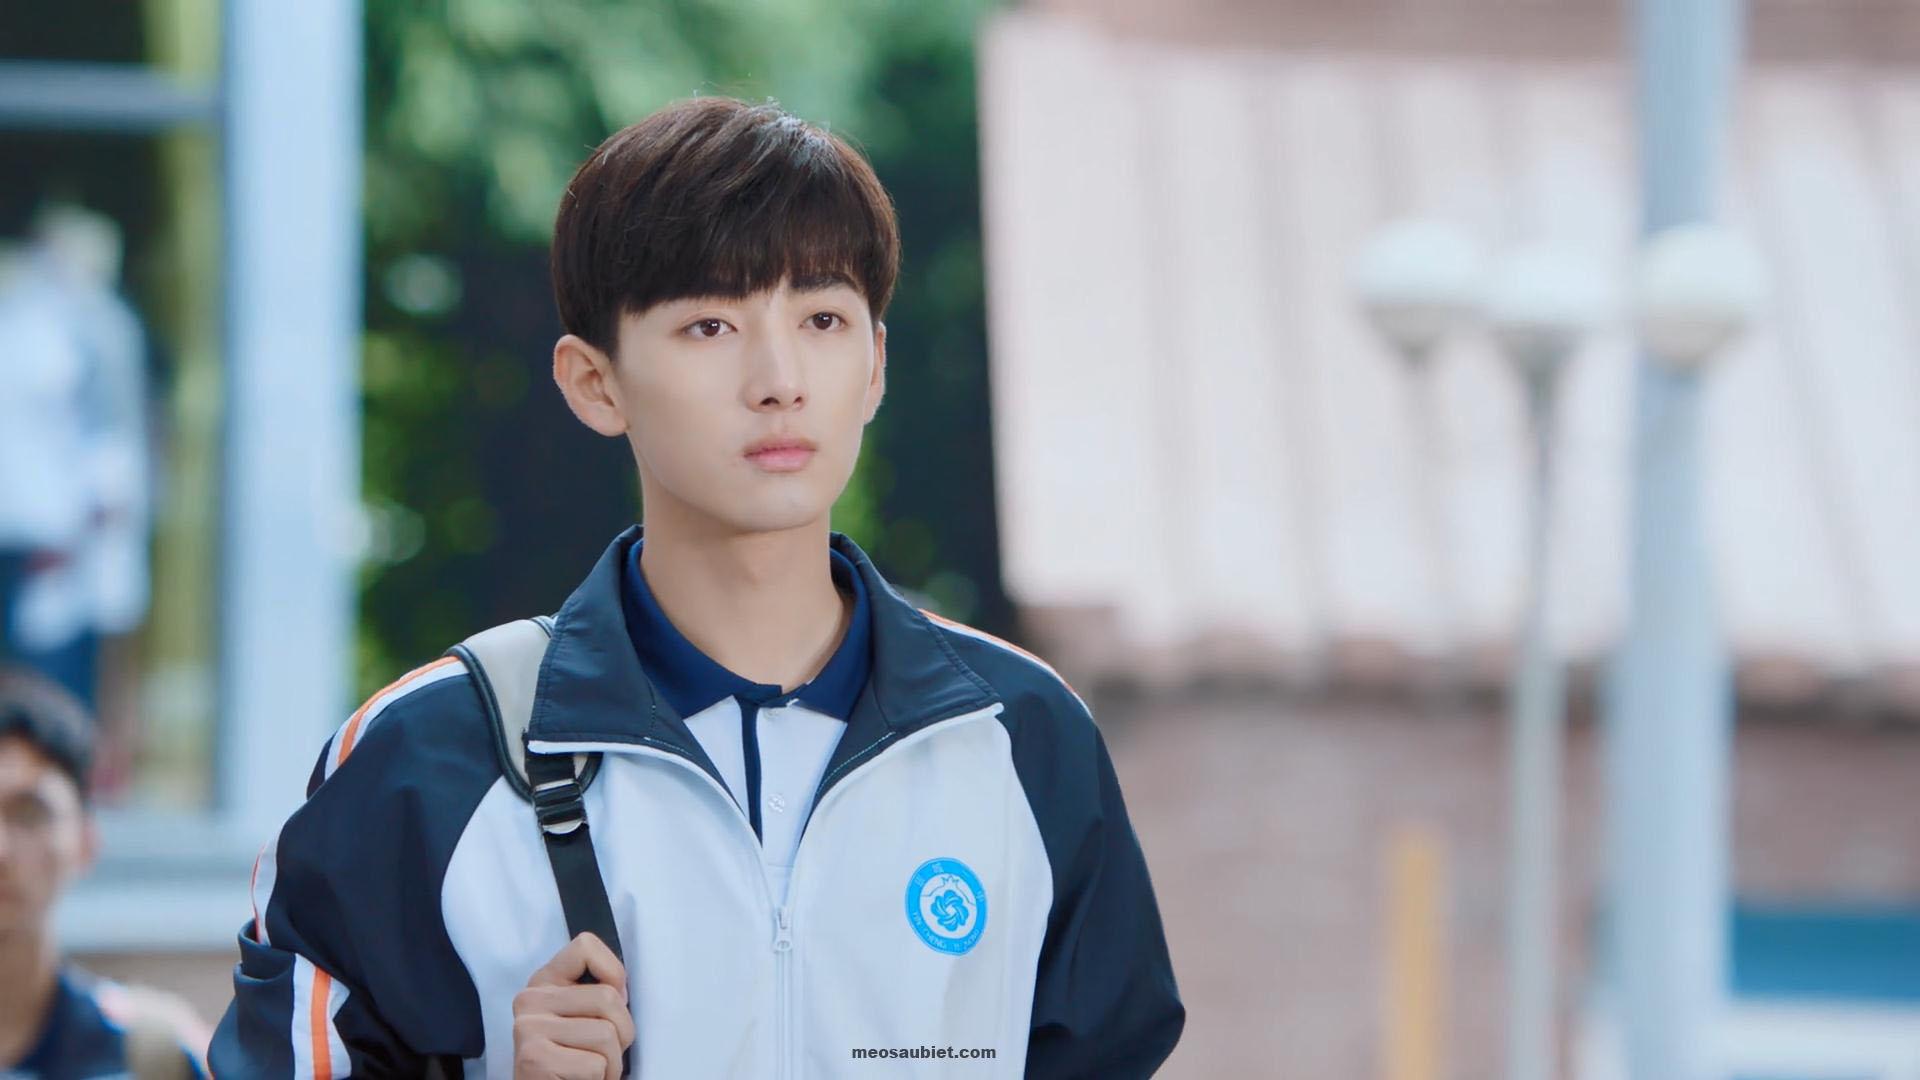 Vô cùng thích anh 2019 Lưu Dục Hàm trong vai Tả Ngạn